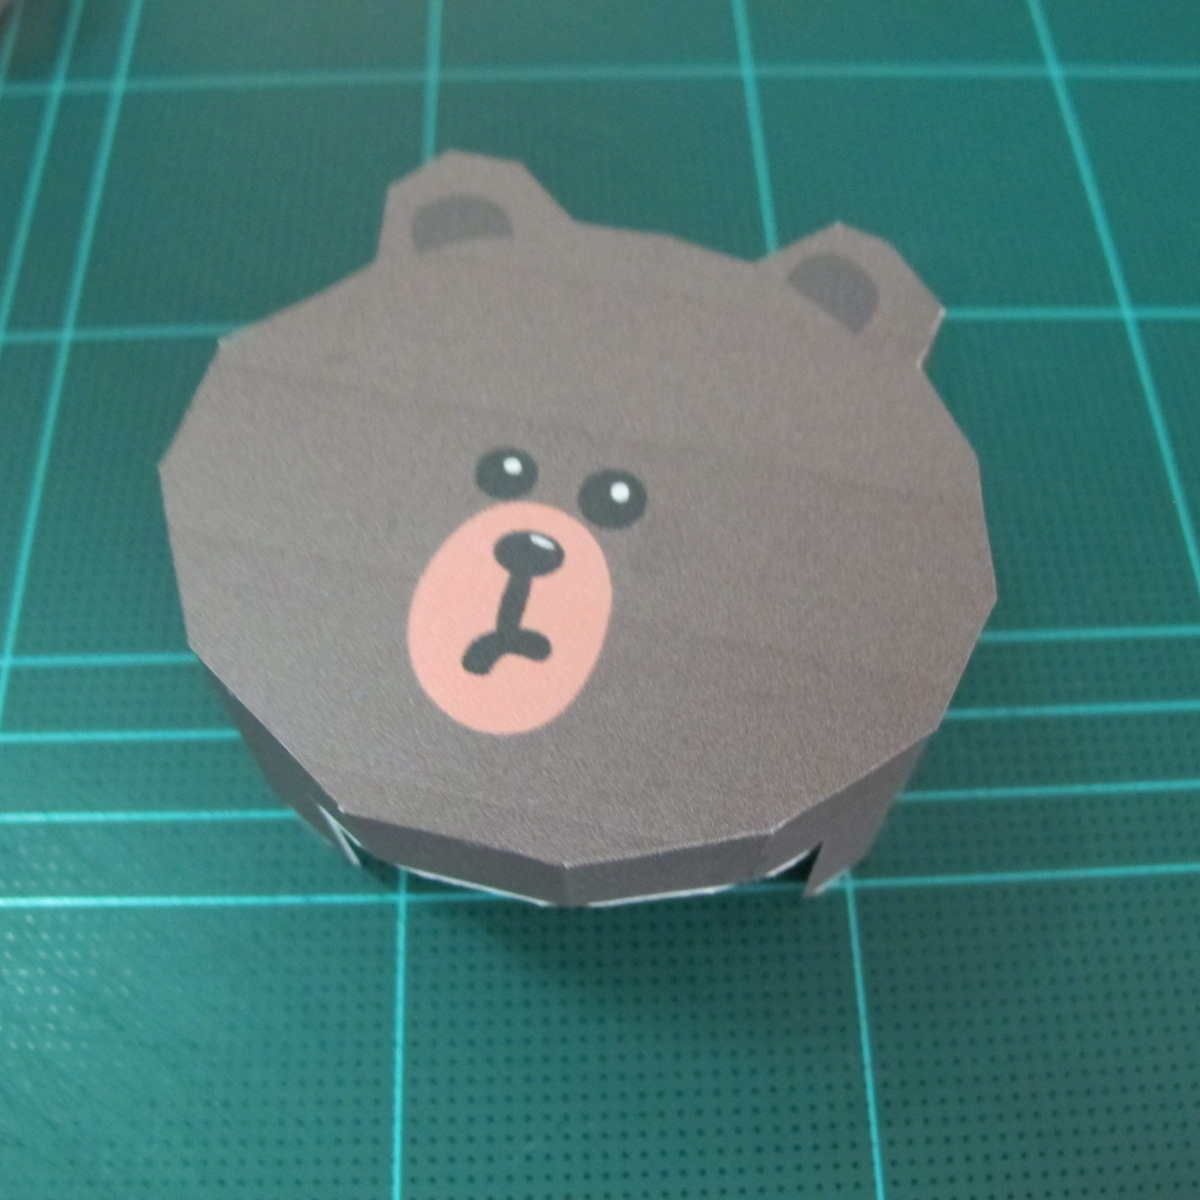 วิธีทำโมเดลกระดาษ ตุ้กตาไลน์ หมีบราวน์ ถือพลั่ว (Line Brown Bear With Shovel Papercraft Model -「シャベル」と「ブラウン」) 021